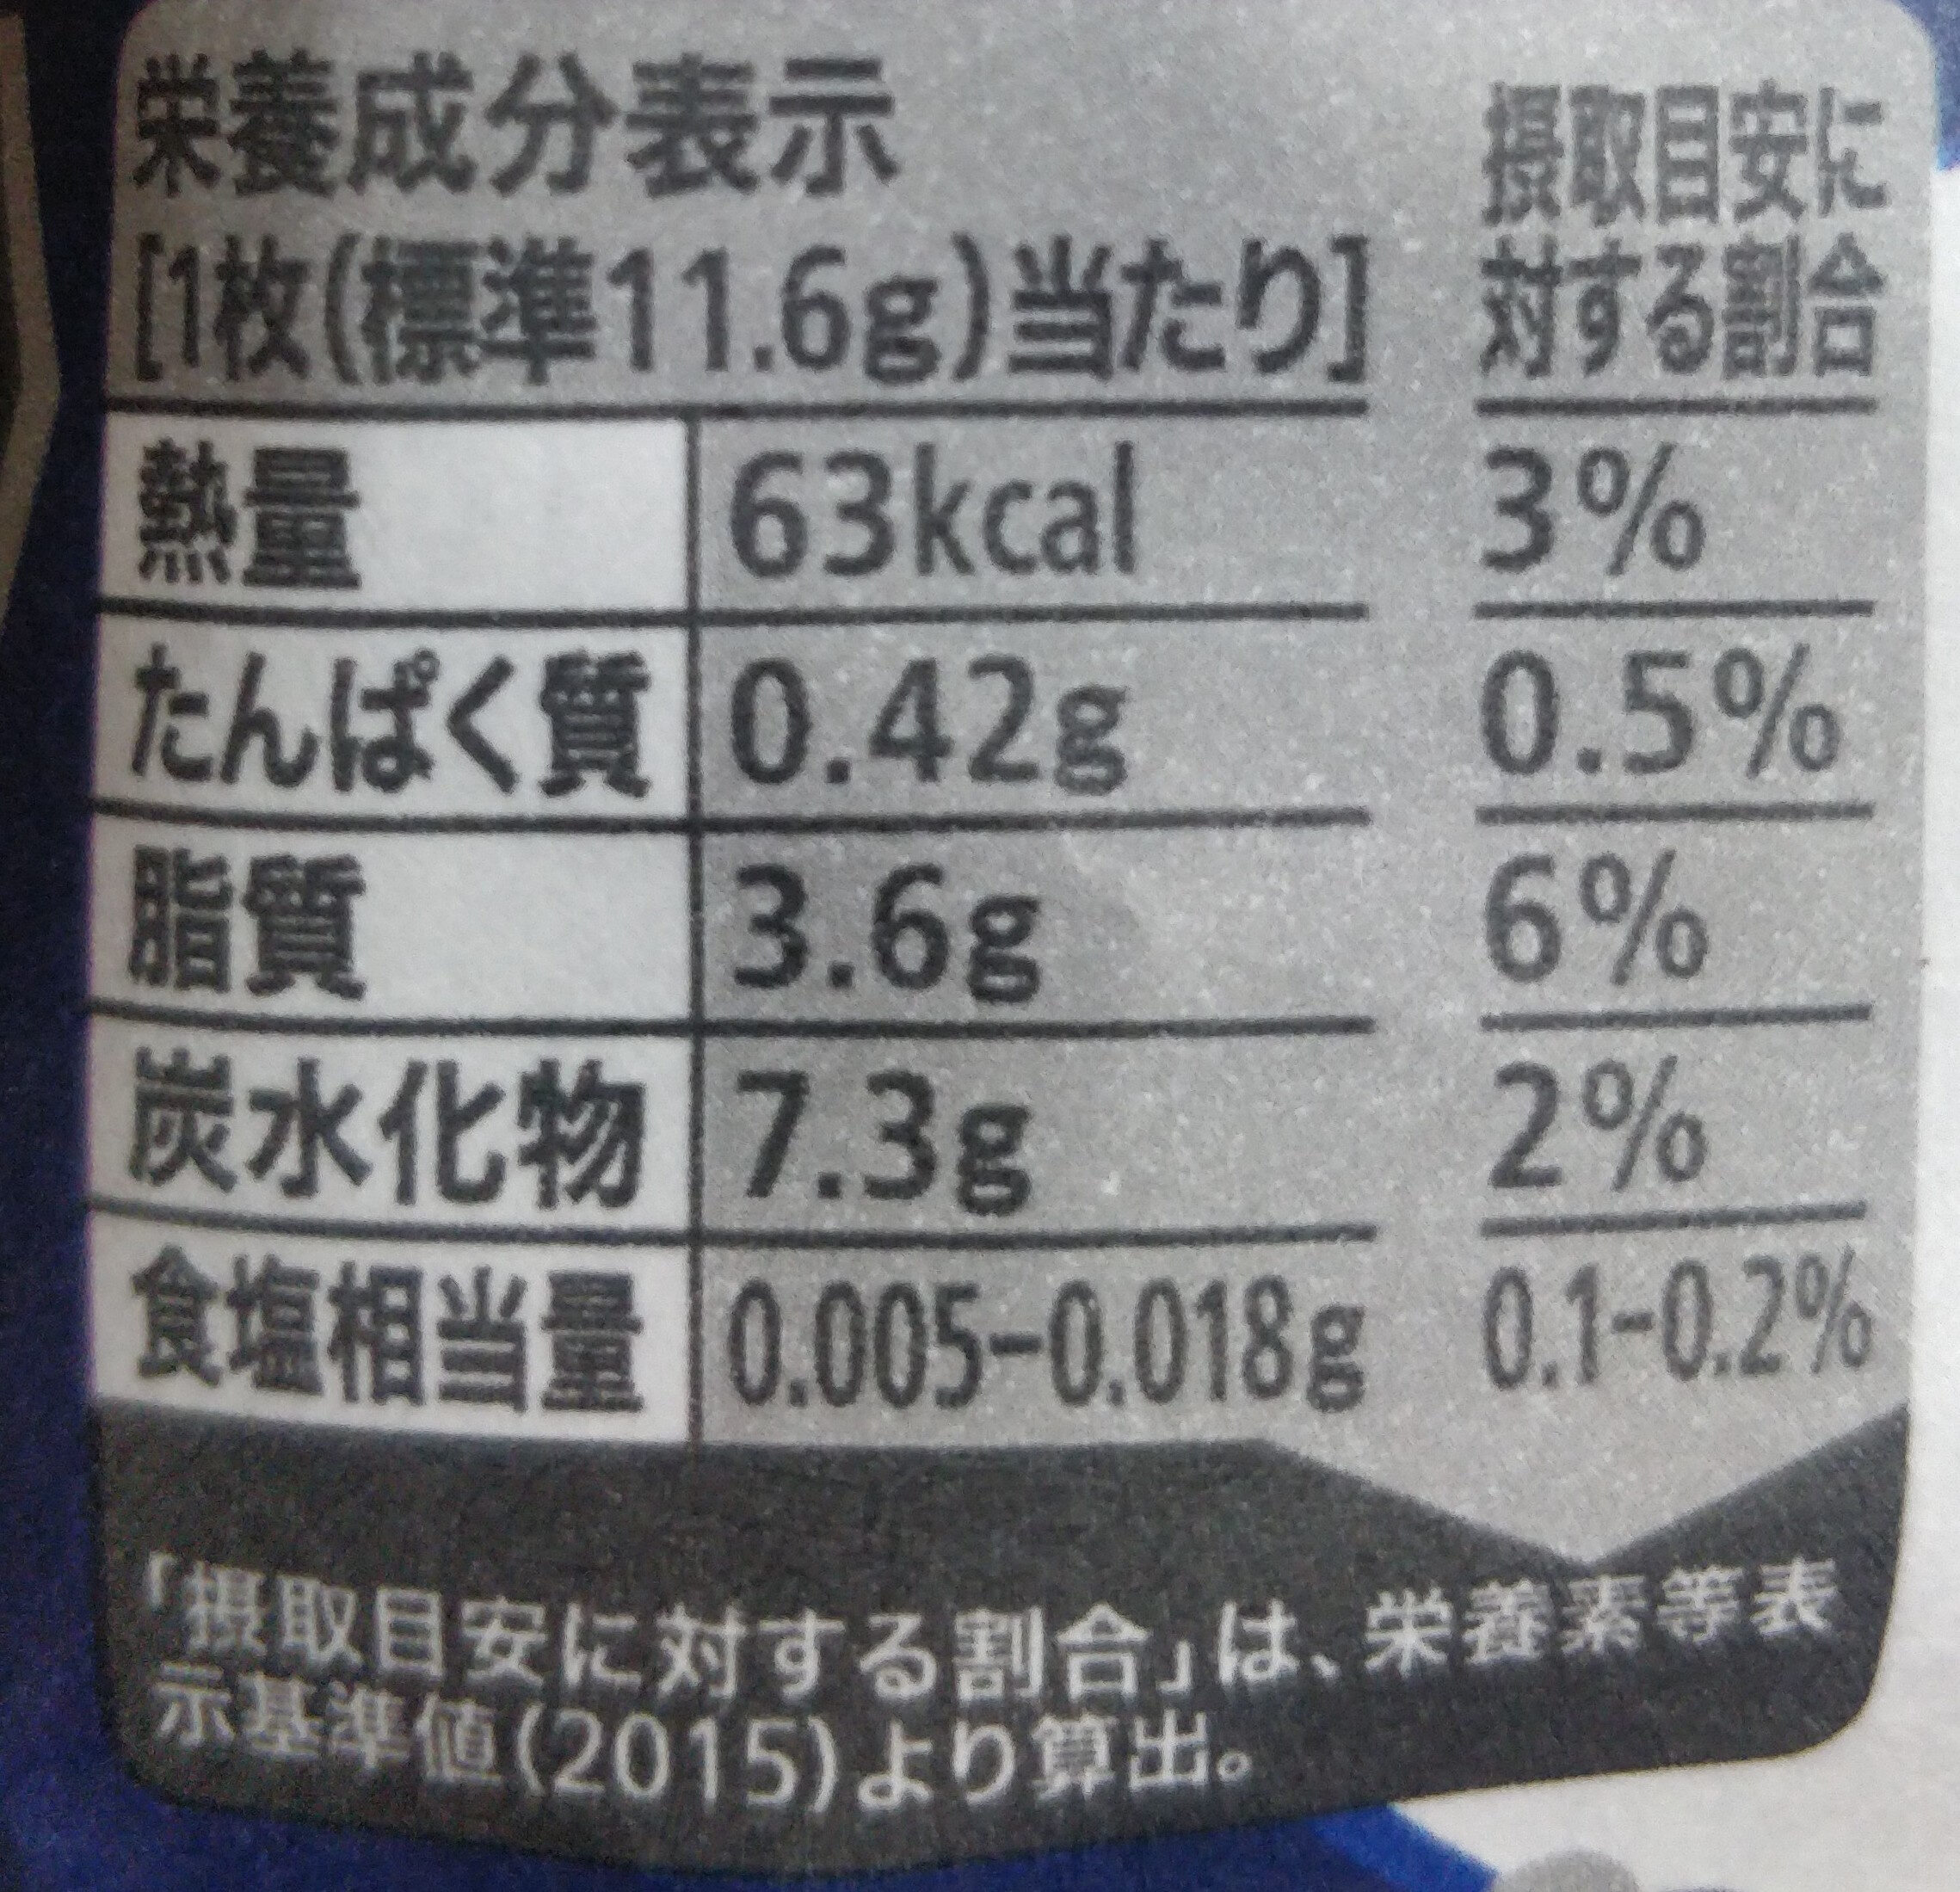 Kit Kat Mini Sakura Sake - Informations nutritionnelles - en